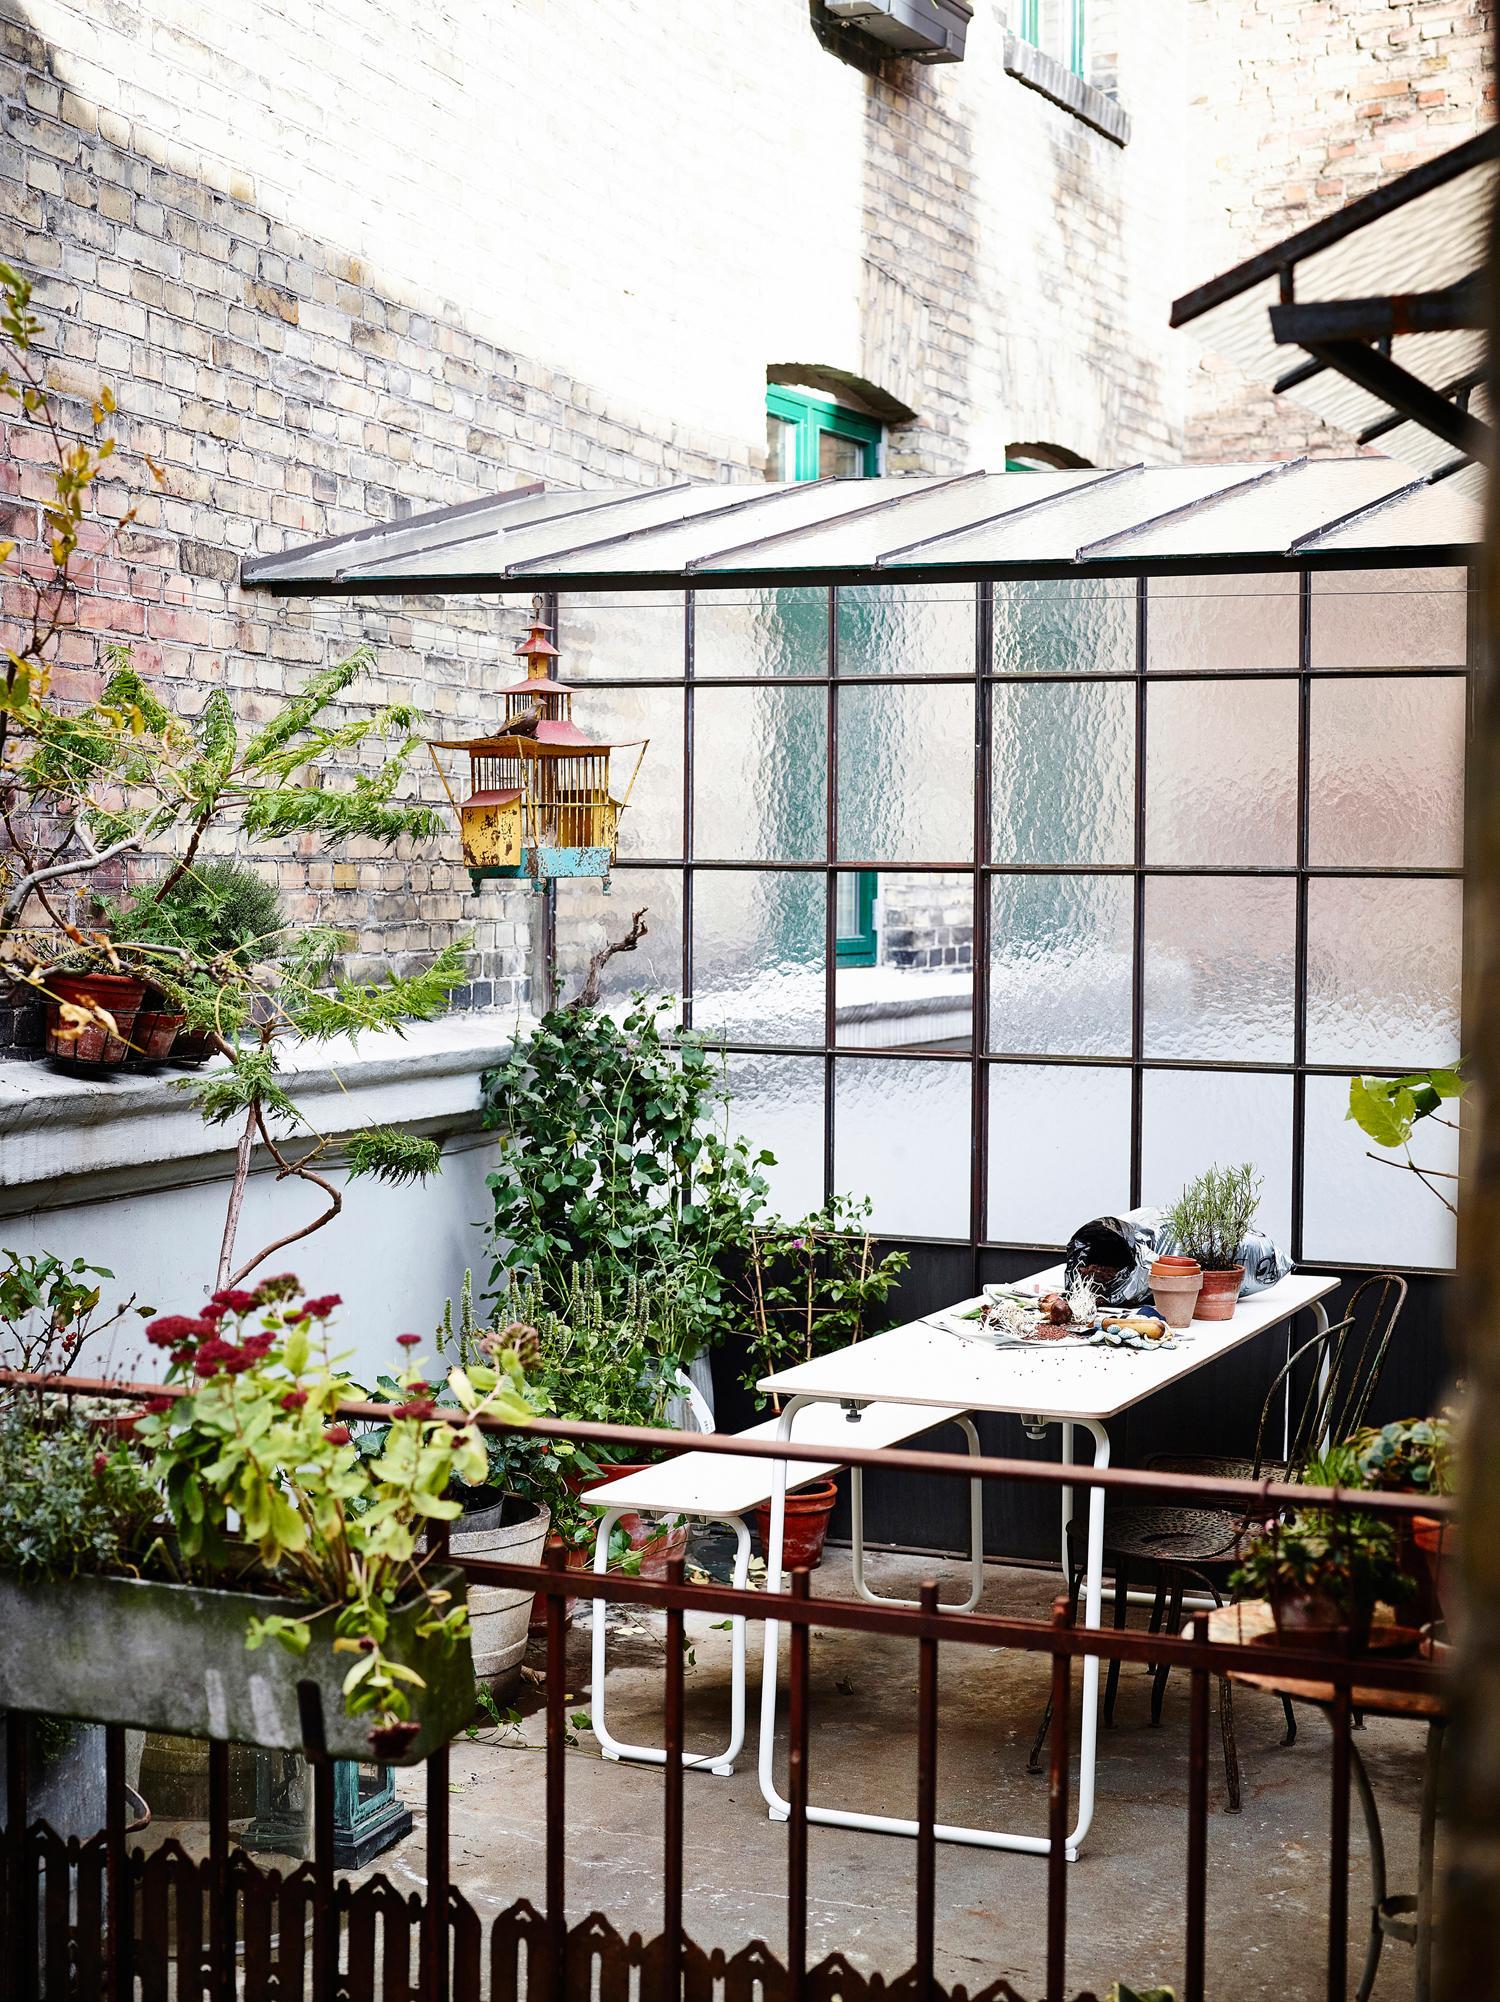 Full Size of Küche Kaufen Ikea Sichtschutzfolie Für Fenster Einseitig Durchsichtig Modulküche Betten 160x200 Sichtschutz Miniküche Kosten Sofa Mit Schlaffunktion Wohnzimmer Sichtschutz Balkon Ikea